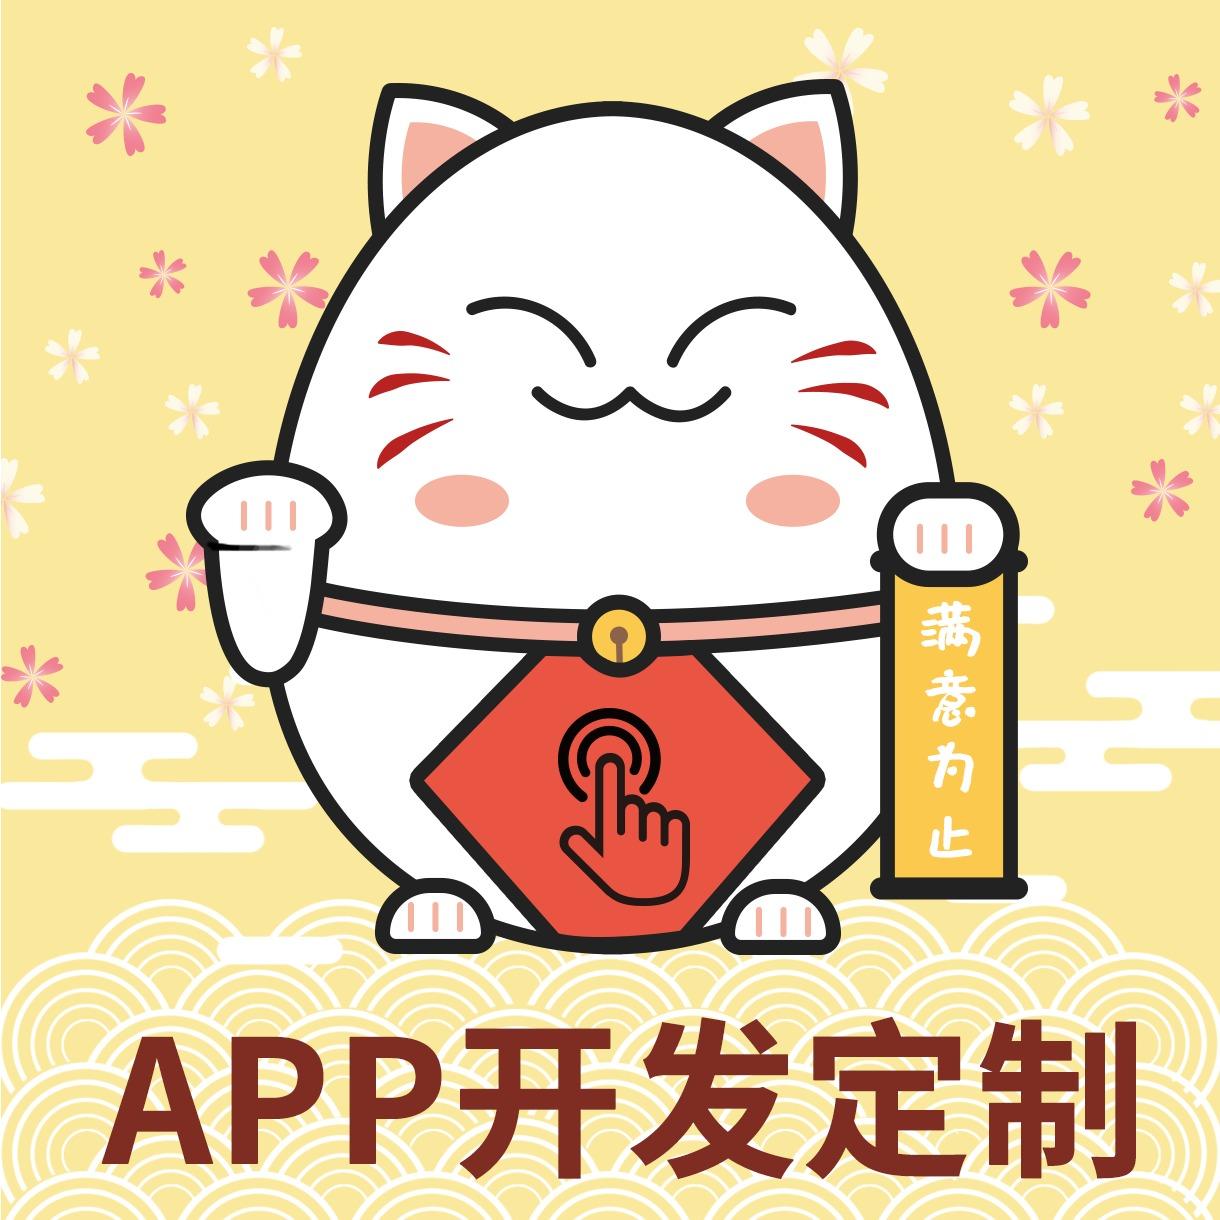 精品直播APP即时聊天交友相亲小程序追星分销微商城app开发